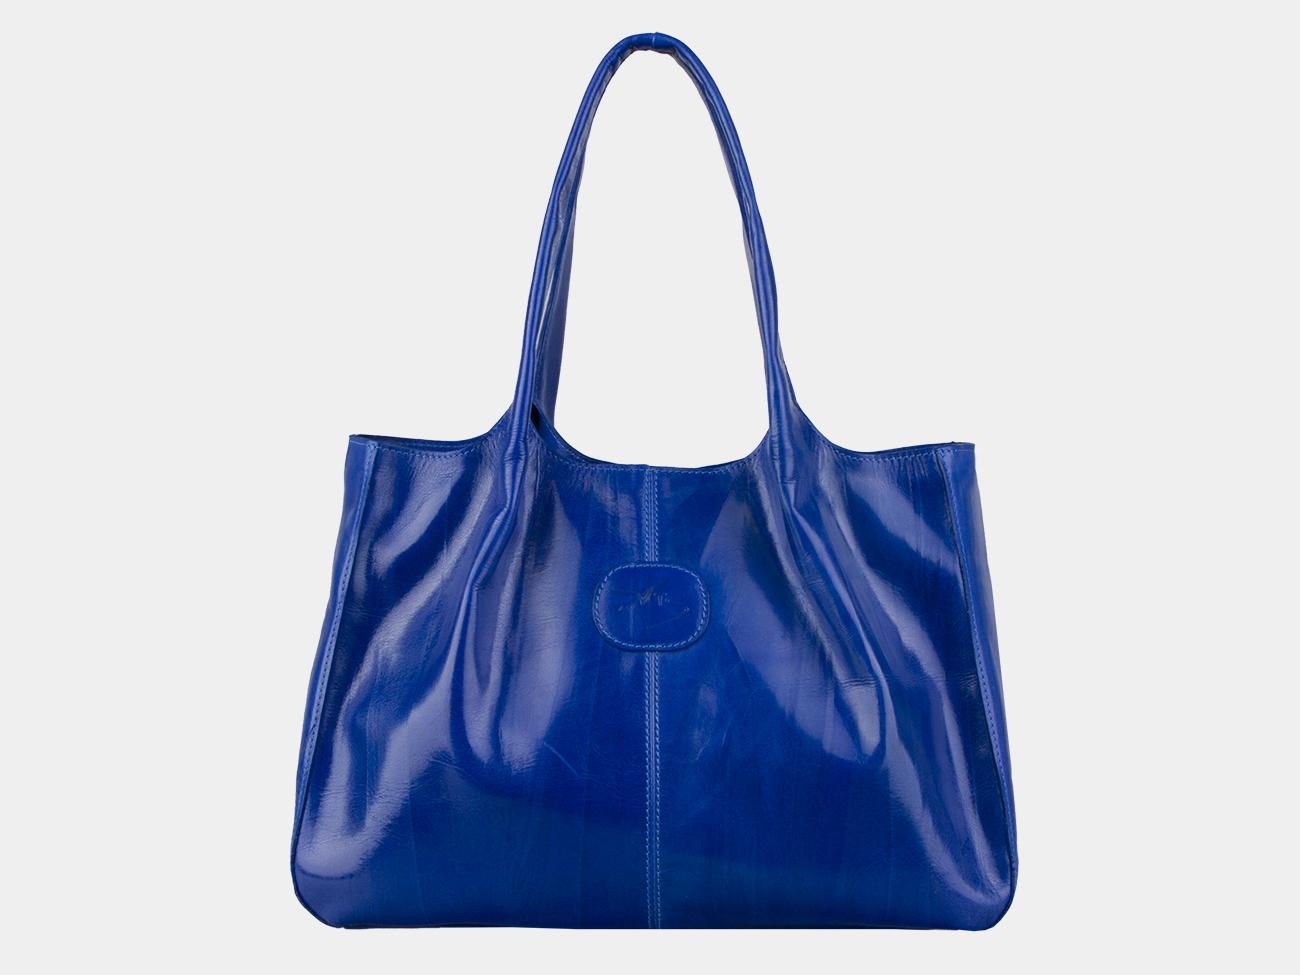 187d3a873f48 Недорого купить электрик кожаную женскую сумку из натуральной кожи ...